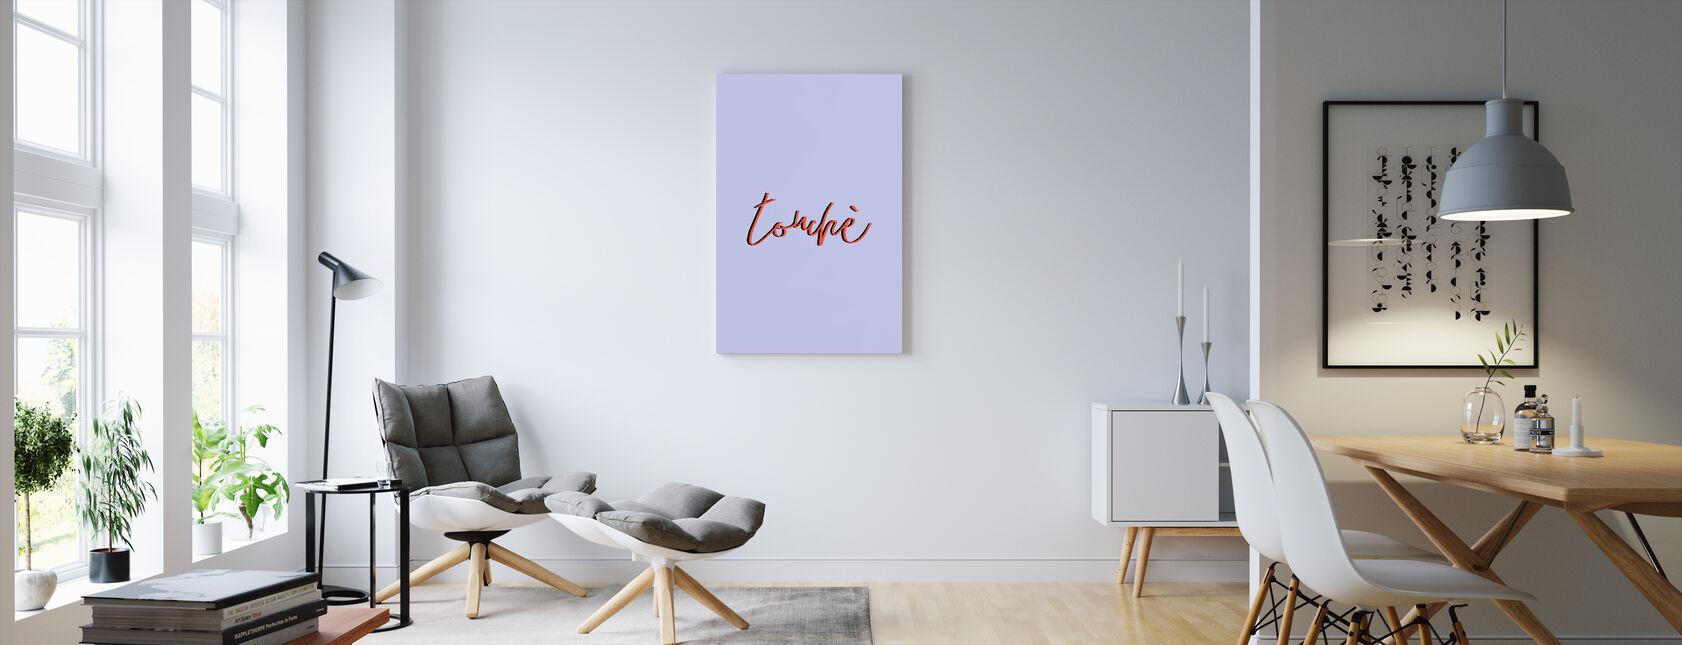 Touche - Obraz na płótnie - Pokój dzienny